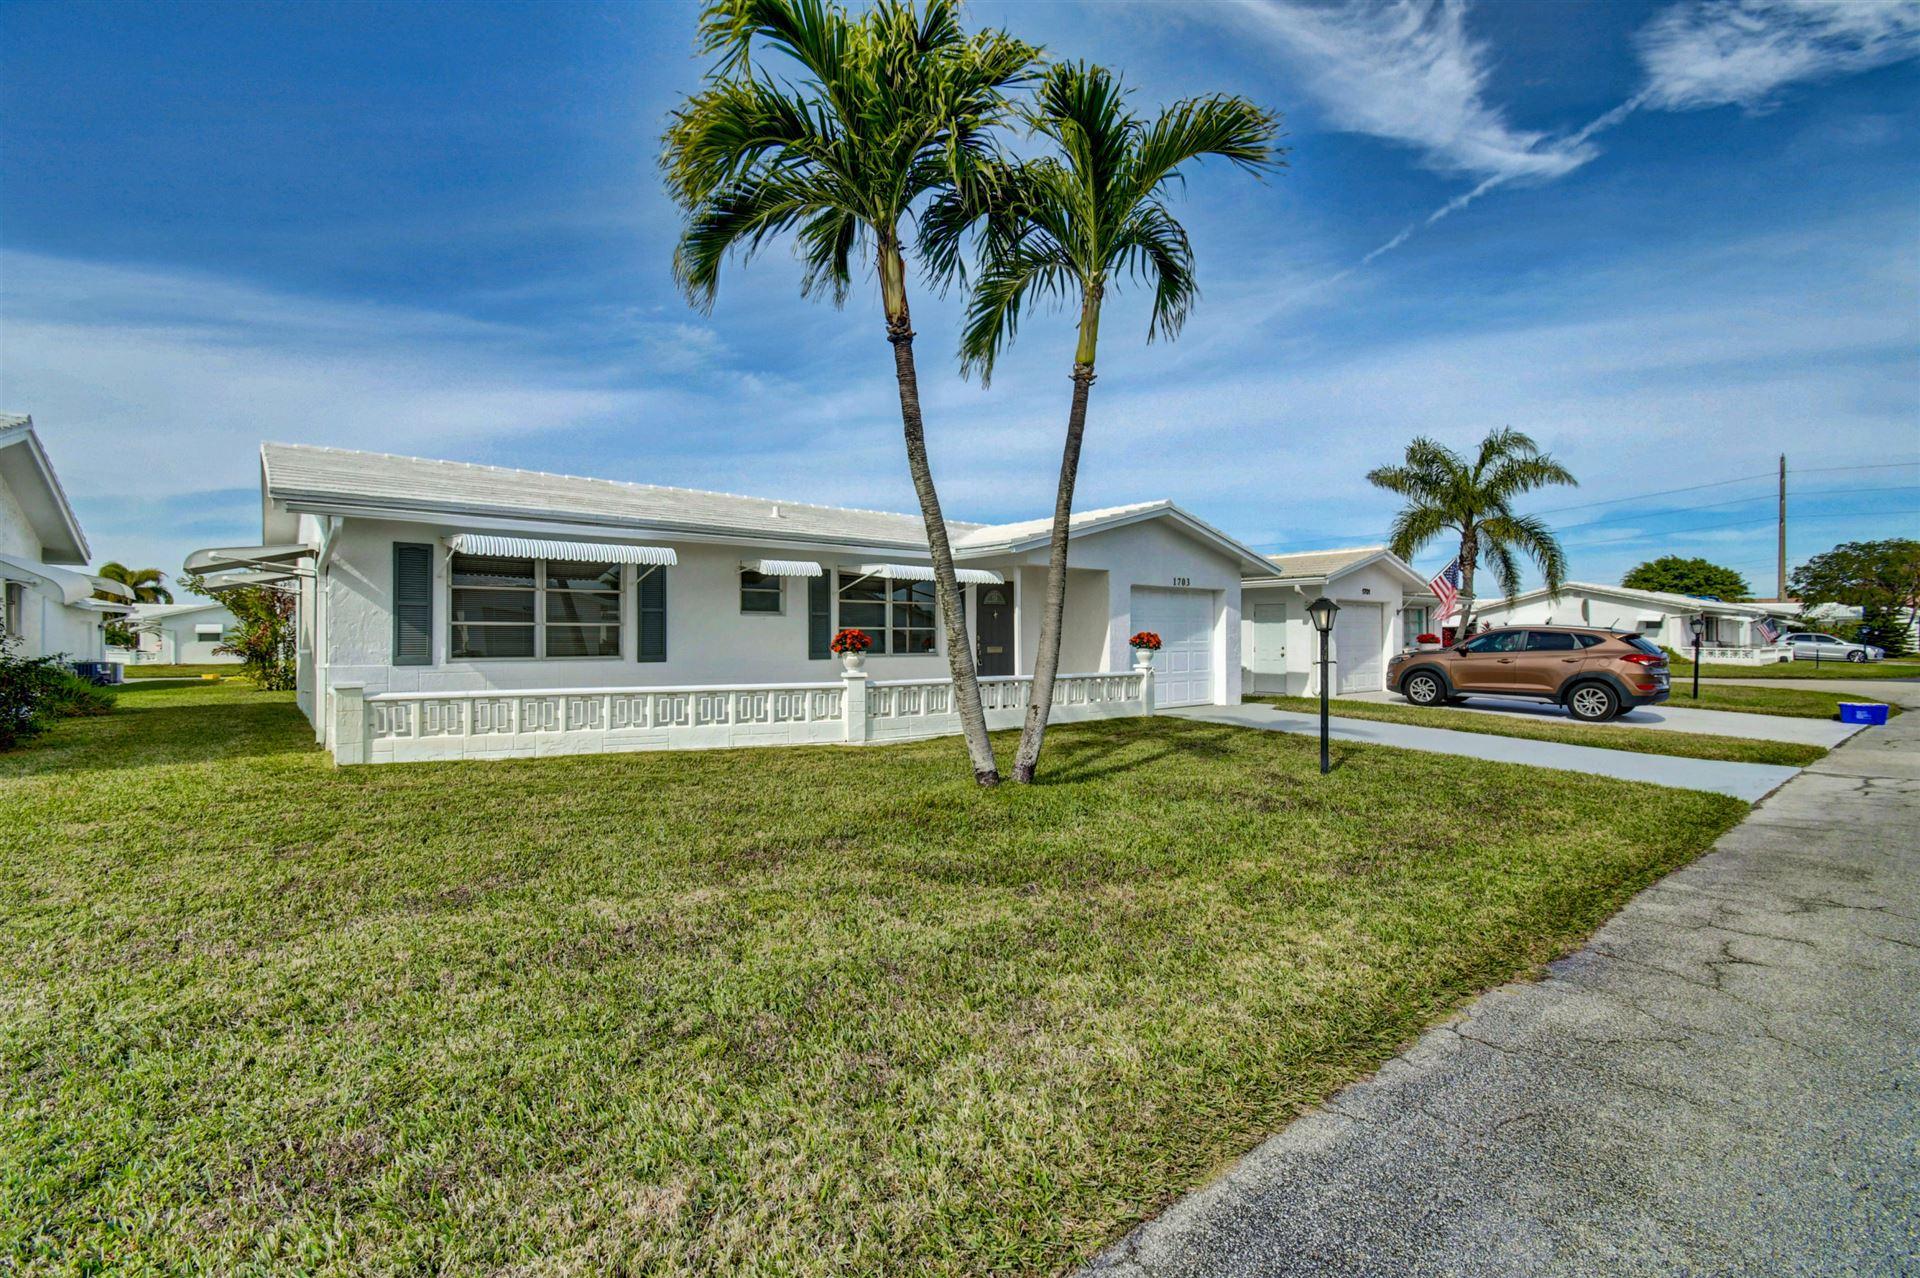 1703 SW 20th Street, Boynton Beach, FL 33426 - #: RX-10685574